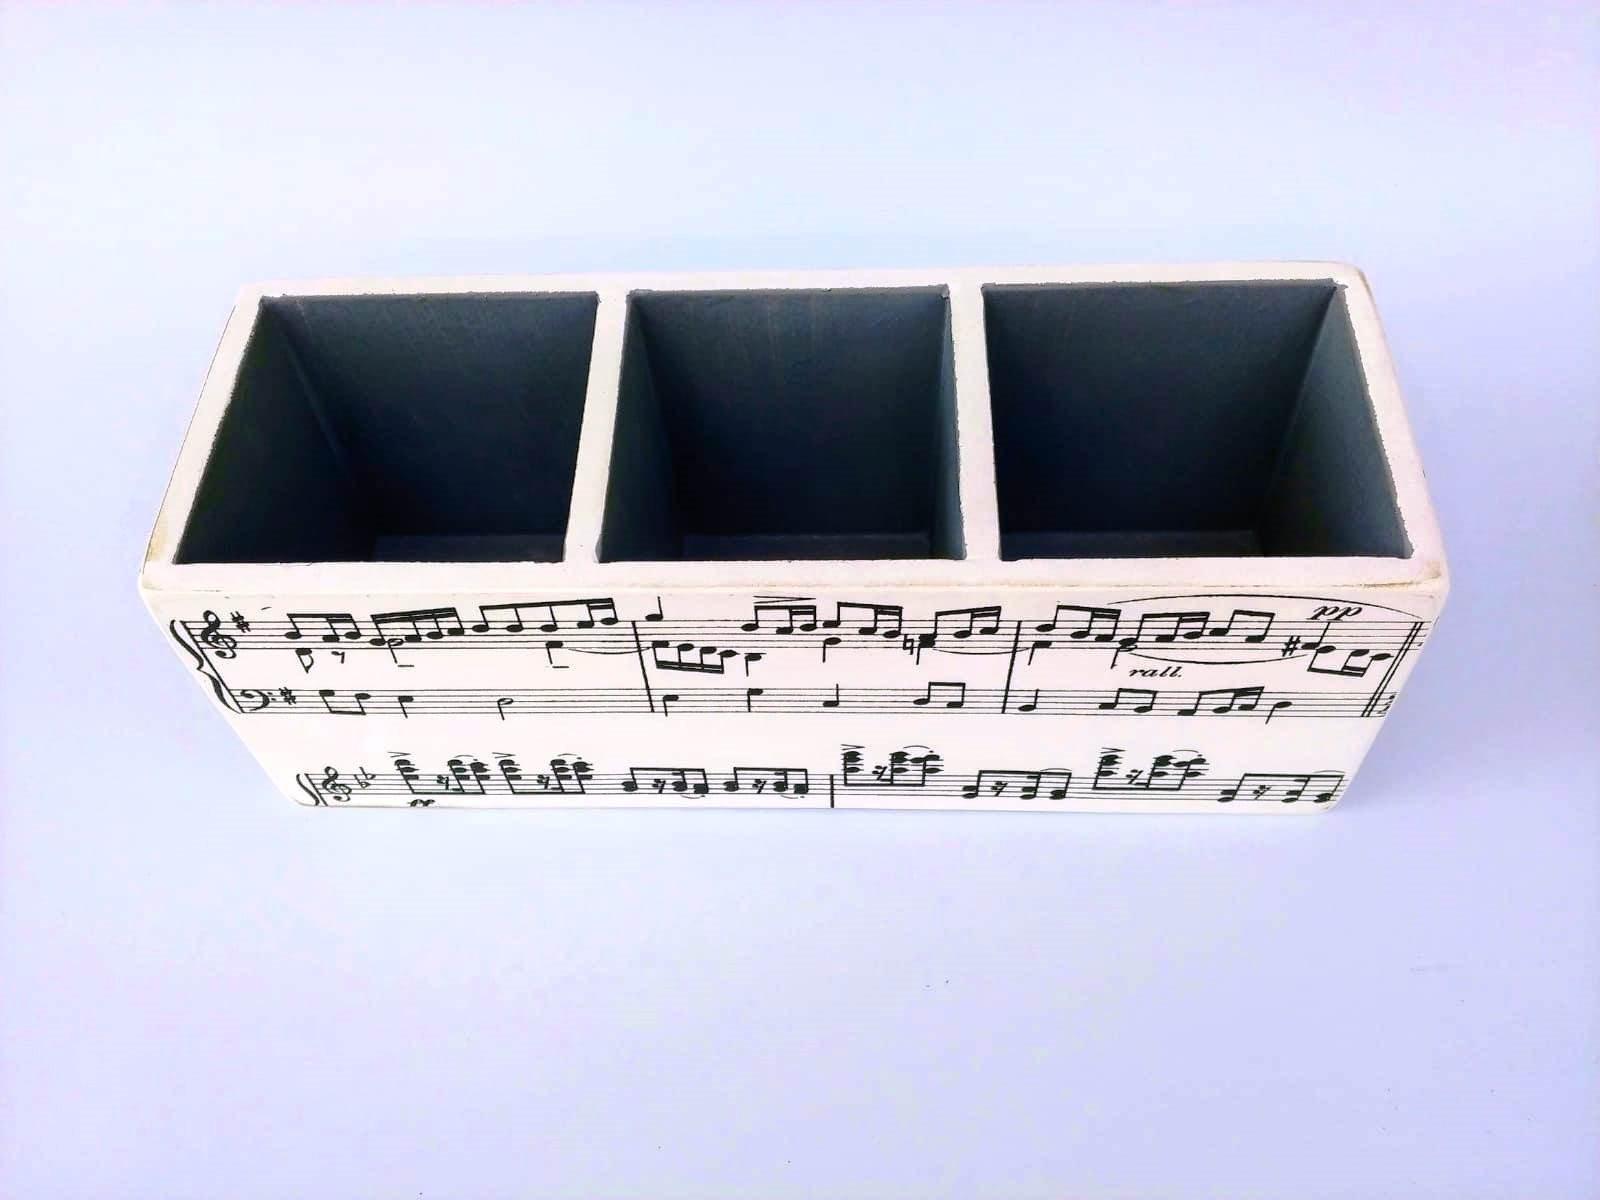 קופסת תווים ארוכה